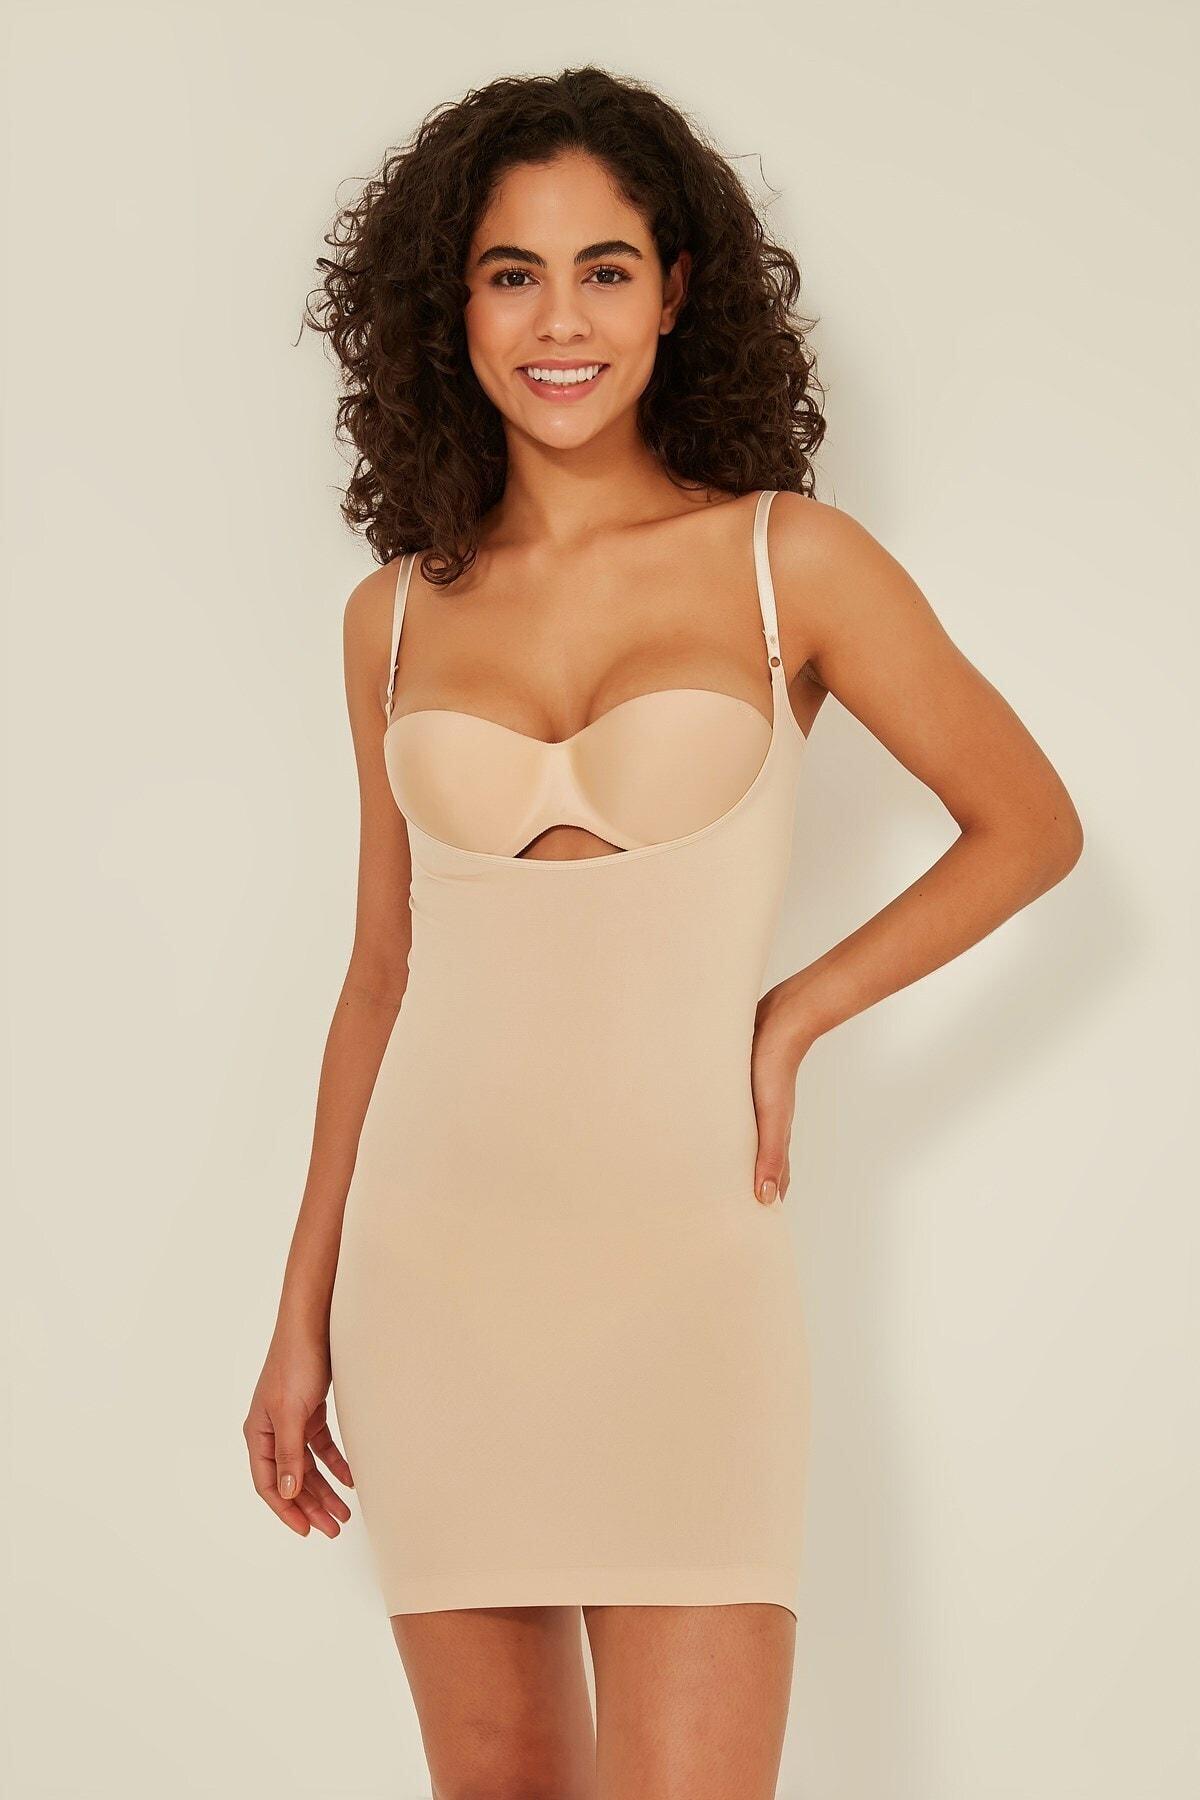 Kadın Ten Göğsü Açık Elbise Korse C15060